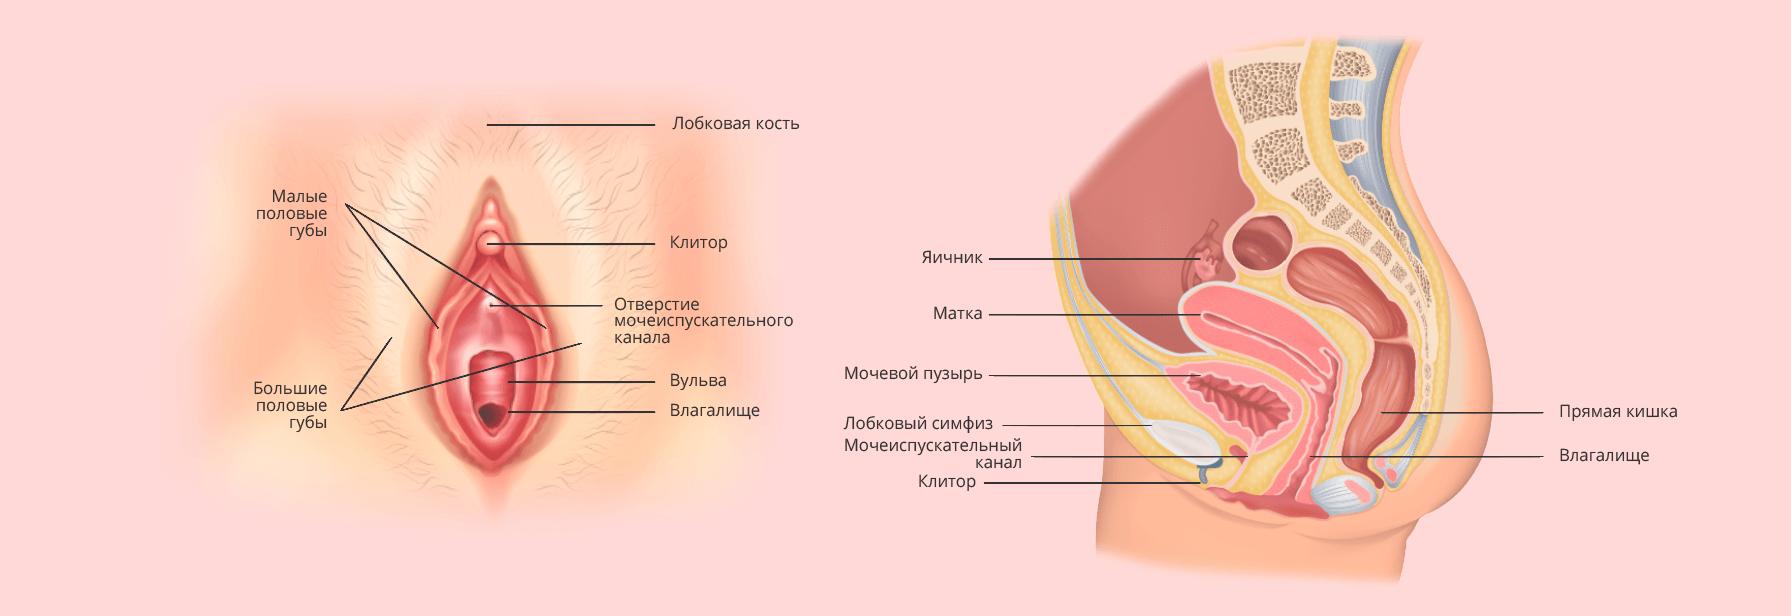 Девочки клитор в сперме